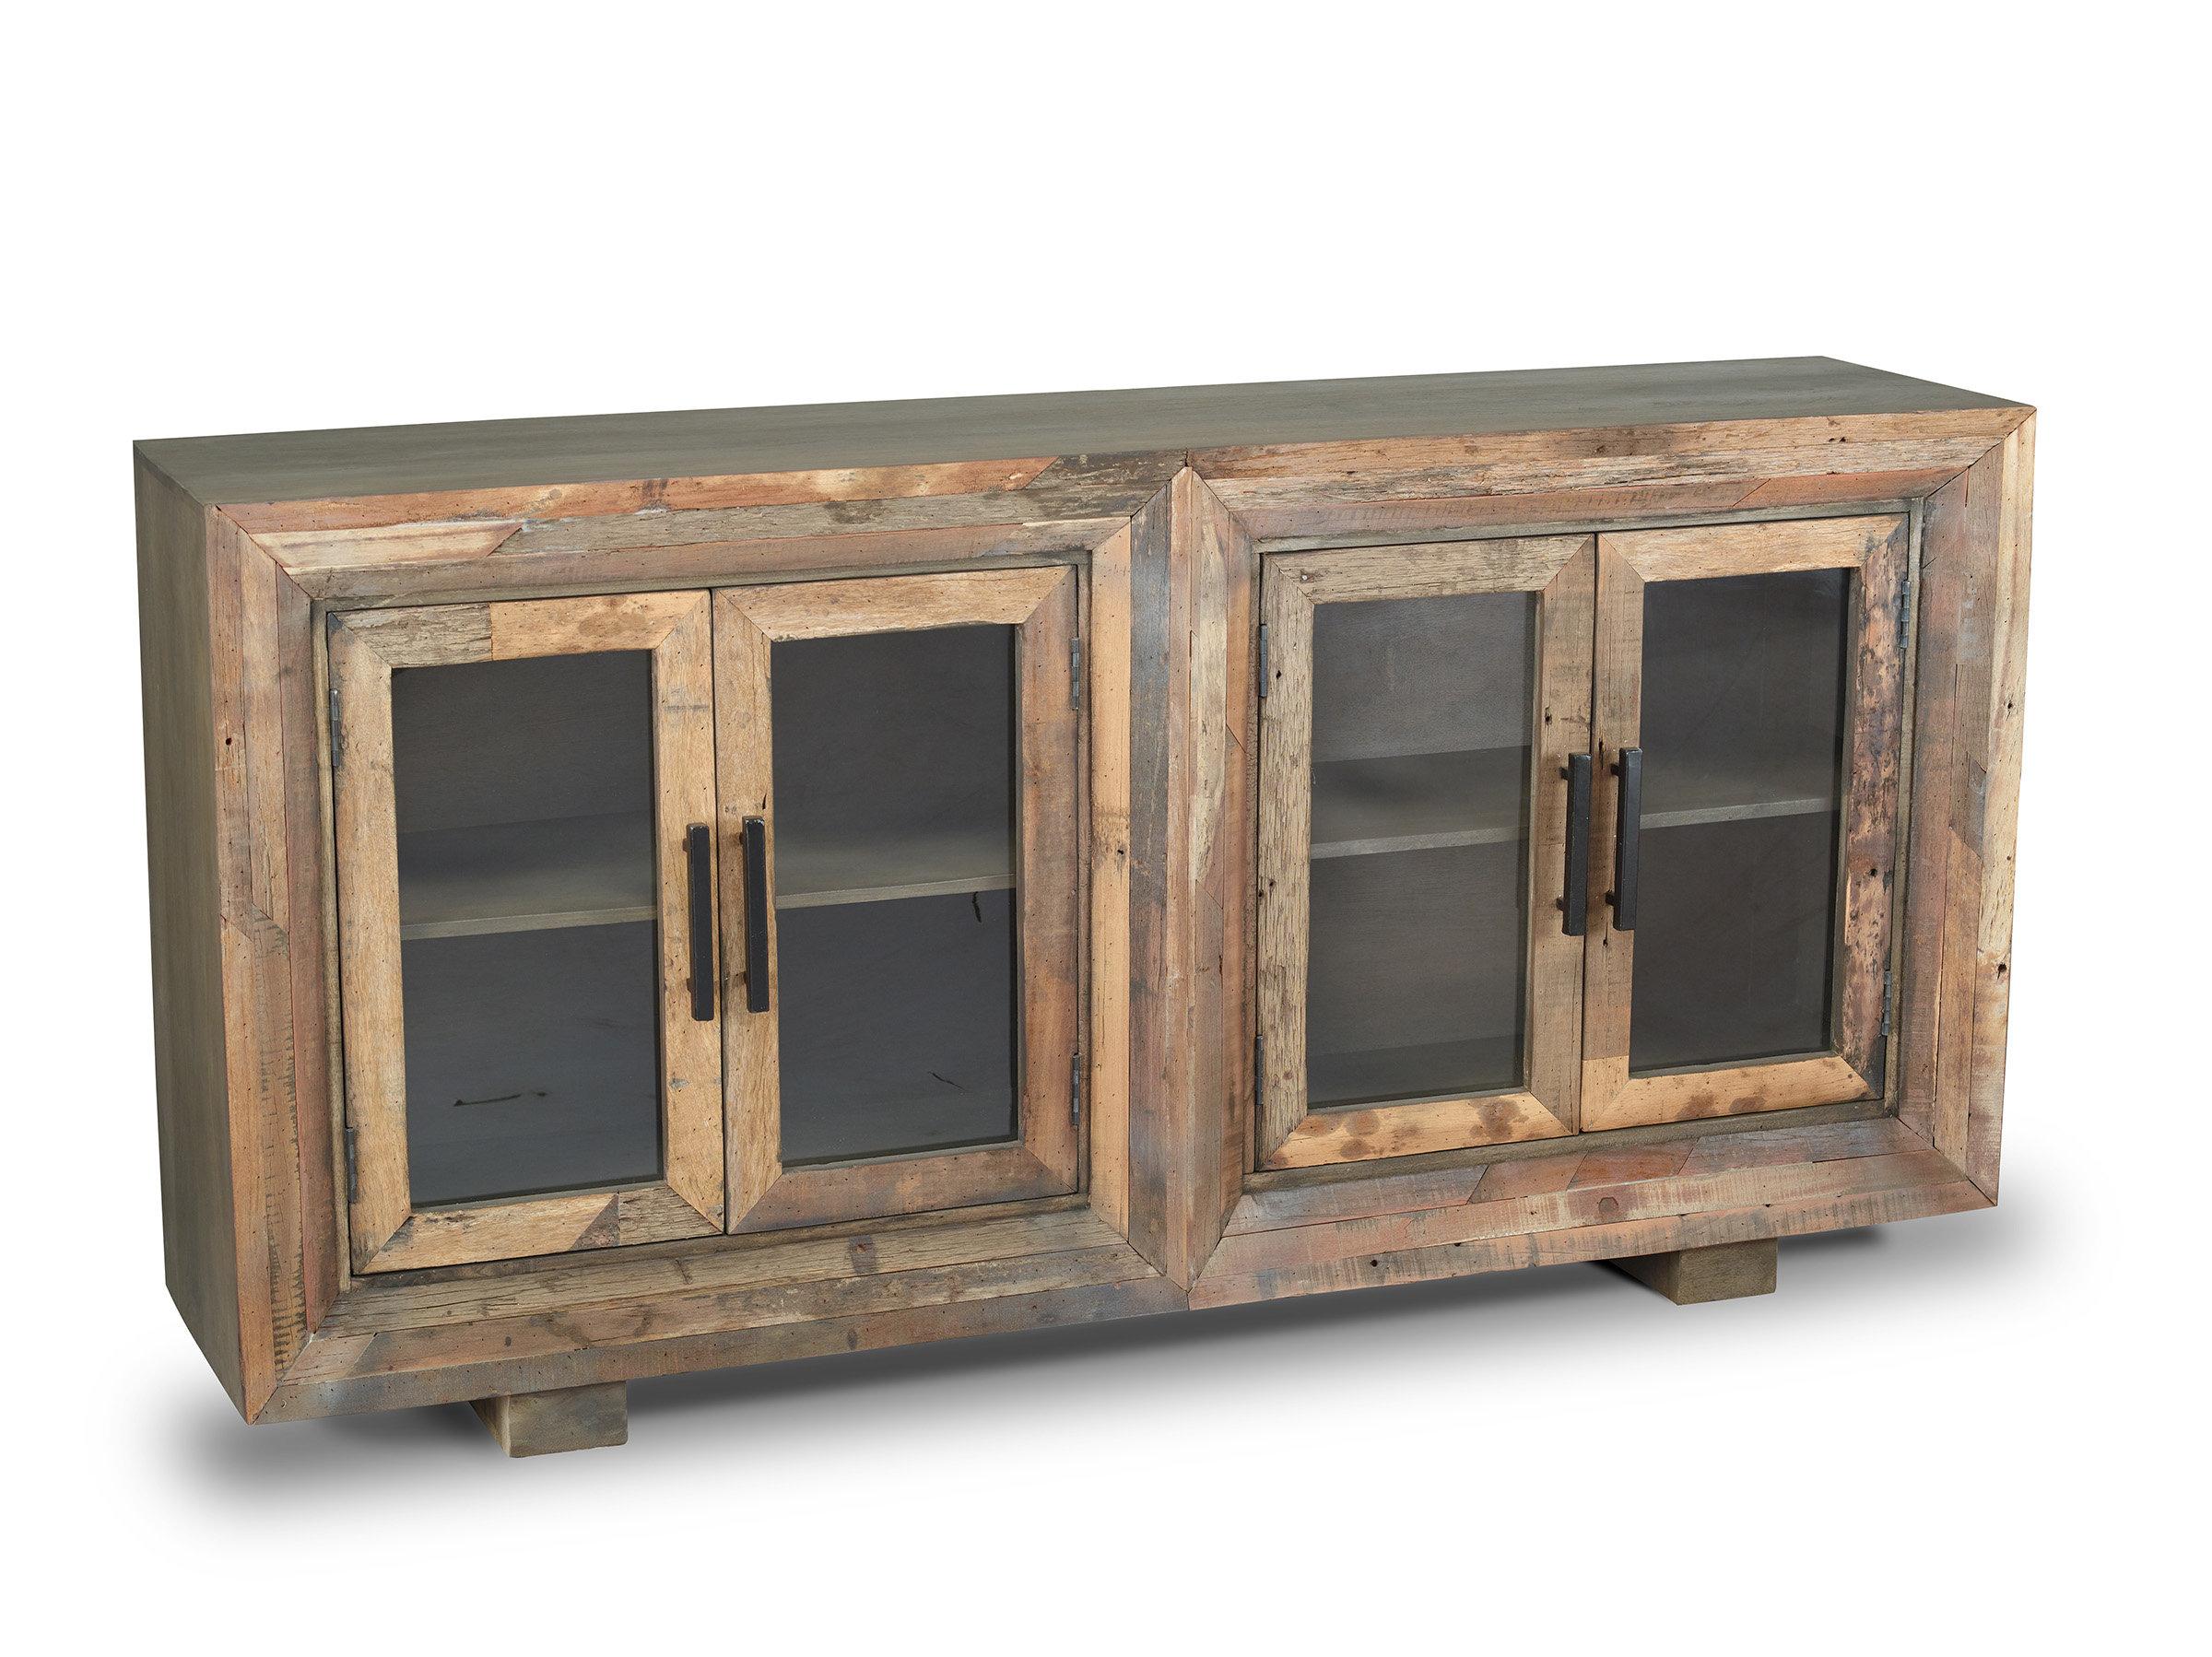 Stender 4 Door Sideboard Regarding Arminta Wood Sideboards (View 9 of 20)